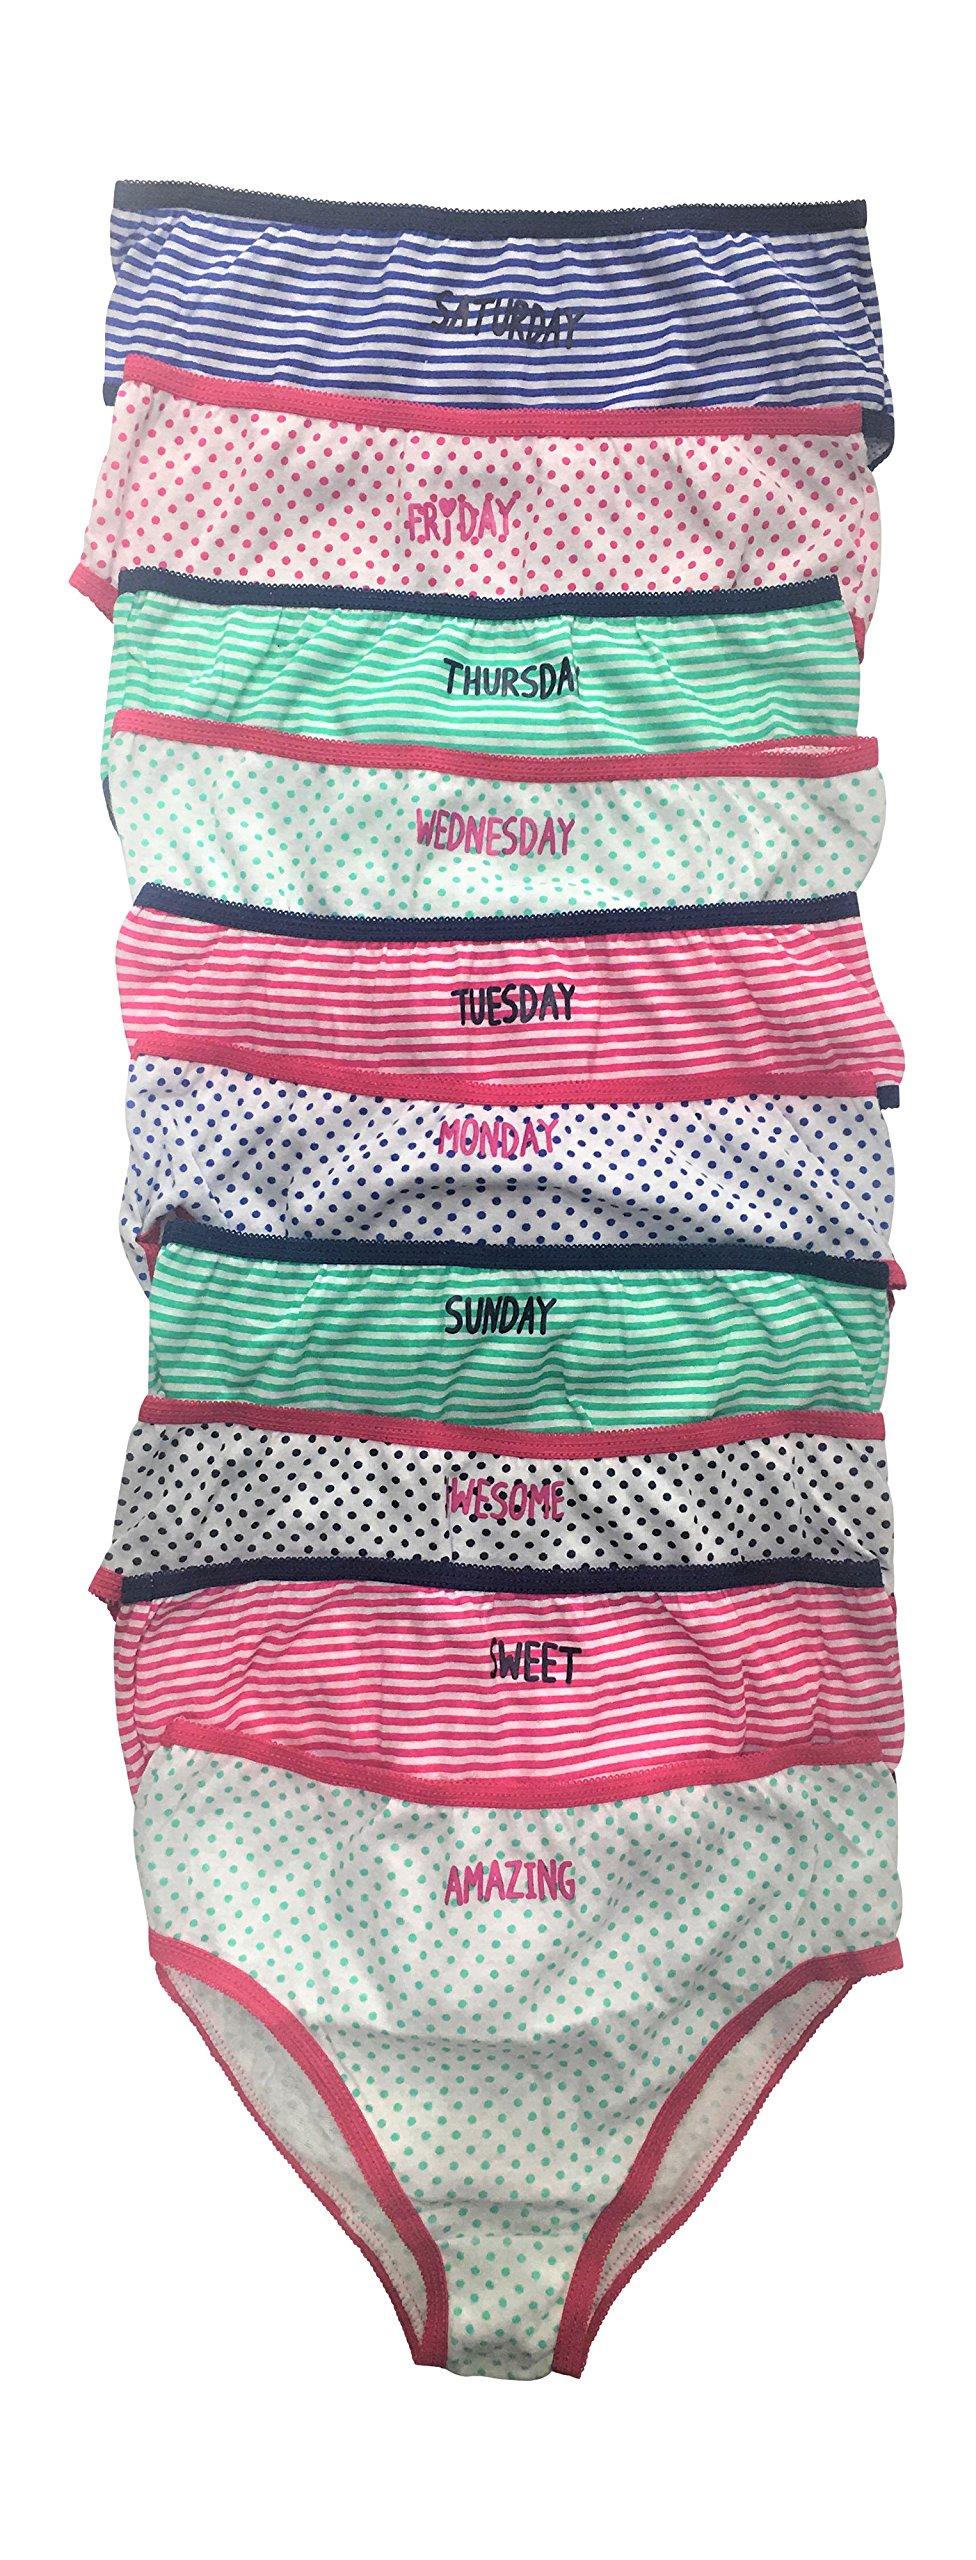 Simply Adorable Girls Girls Week Fun Day 100% Cotton 10-Pack Bikini Underwear Panties Size 4-12 (4)